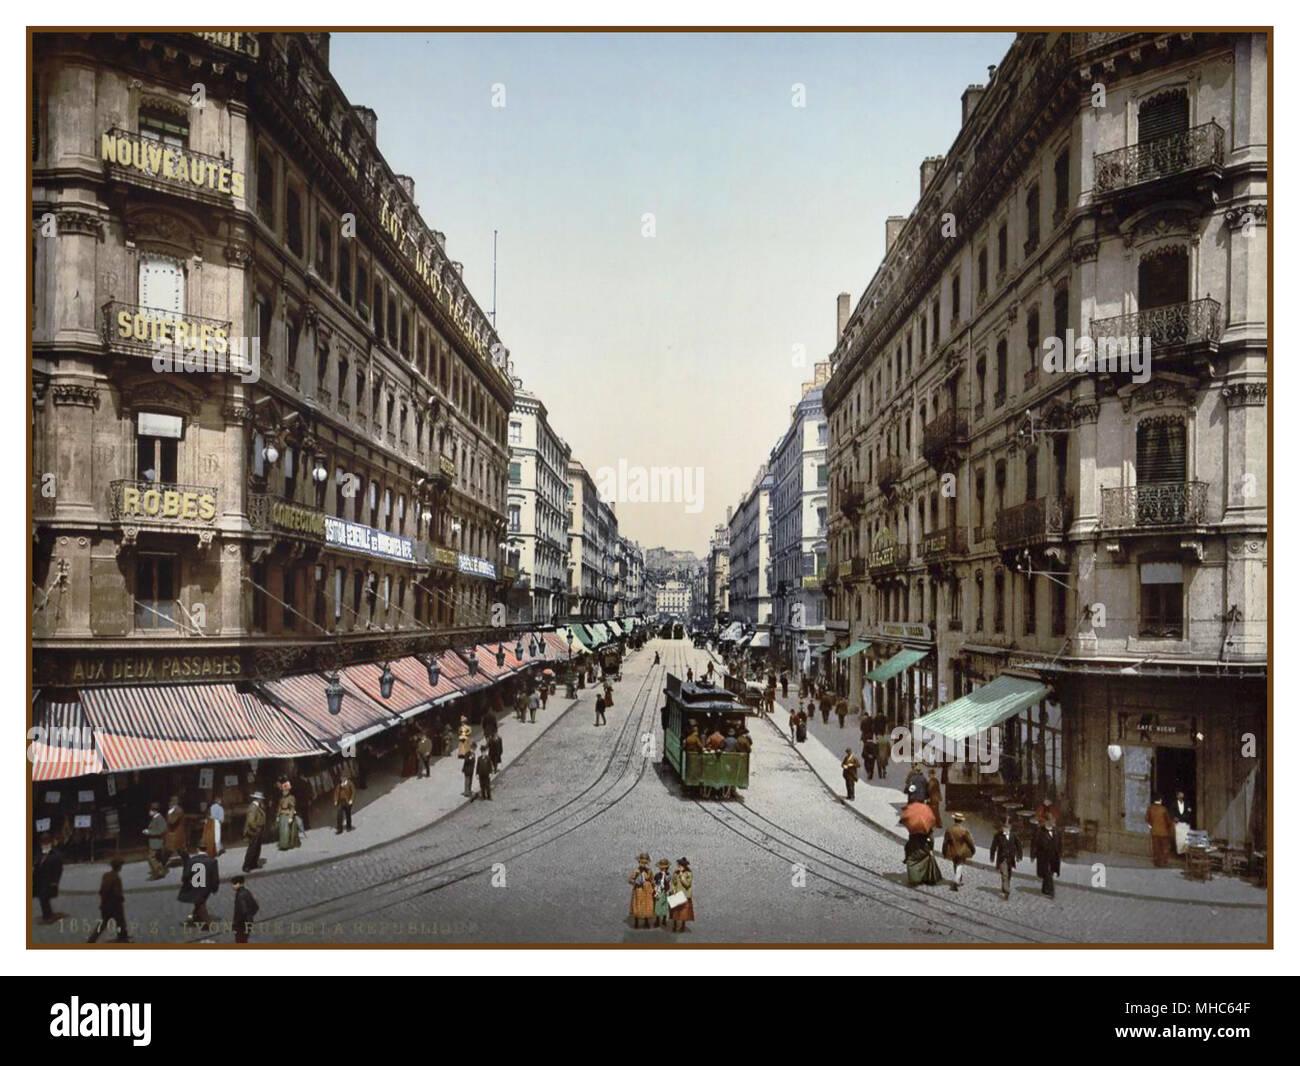 Lione Francia 1890 -1900 Vintage colore storico Francia Photocrom. Colore tecnica di litografia Rue de la Repubblica, Lione, Francia Immagini Stock